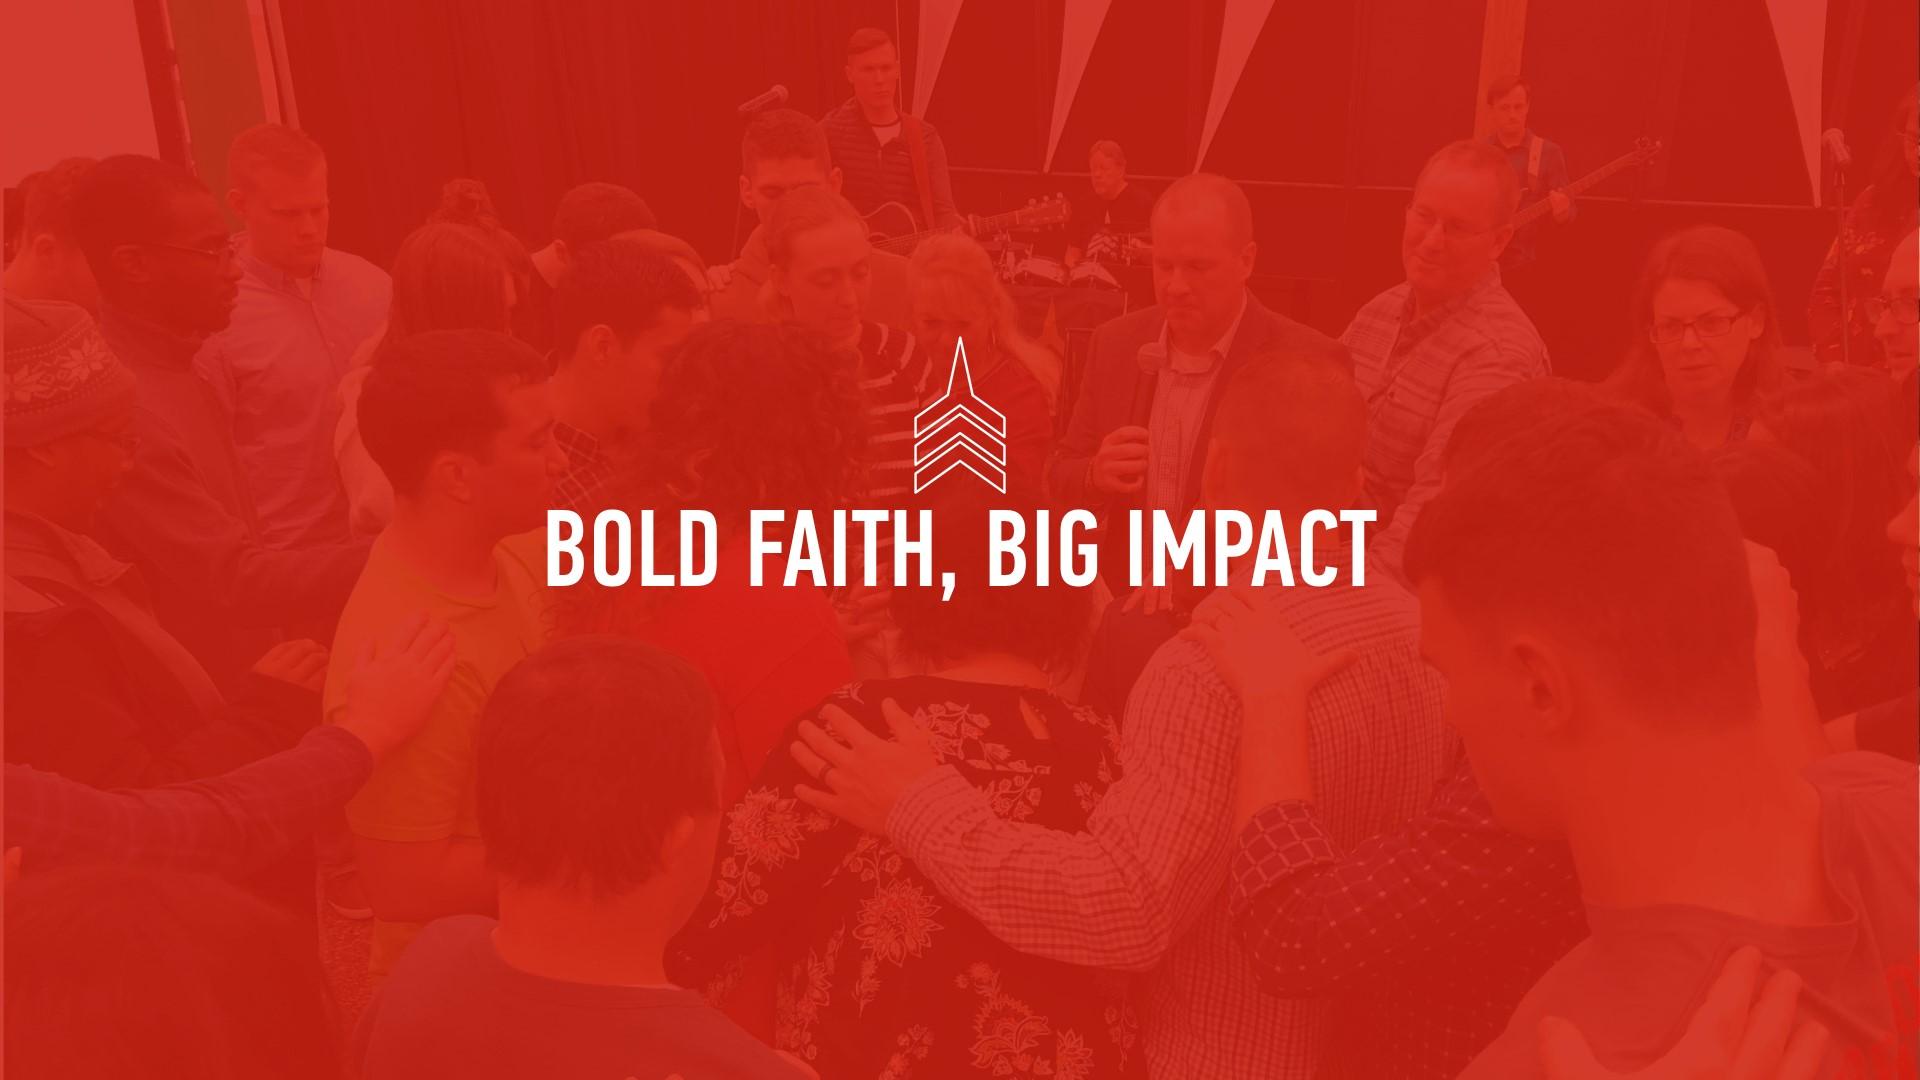 20190908 BOLD FAITH, BIG IMPACT.JPG